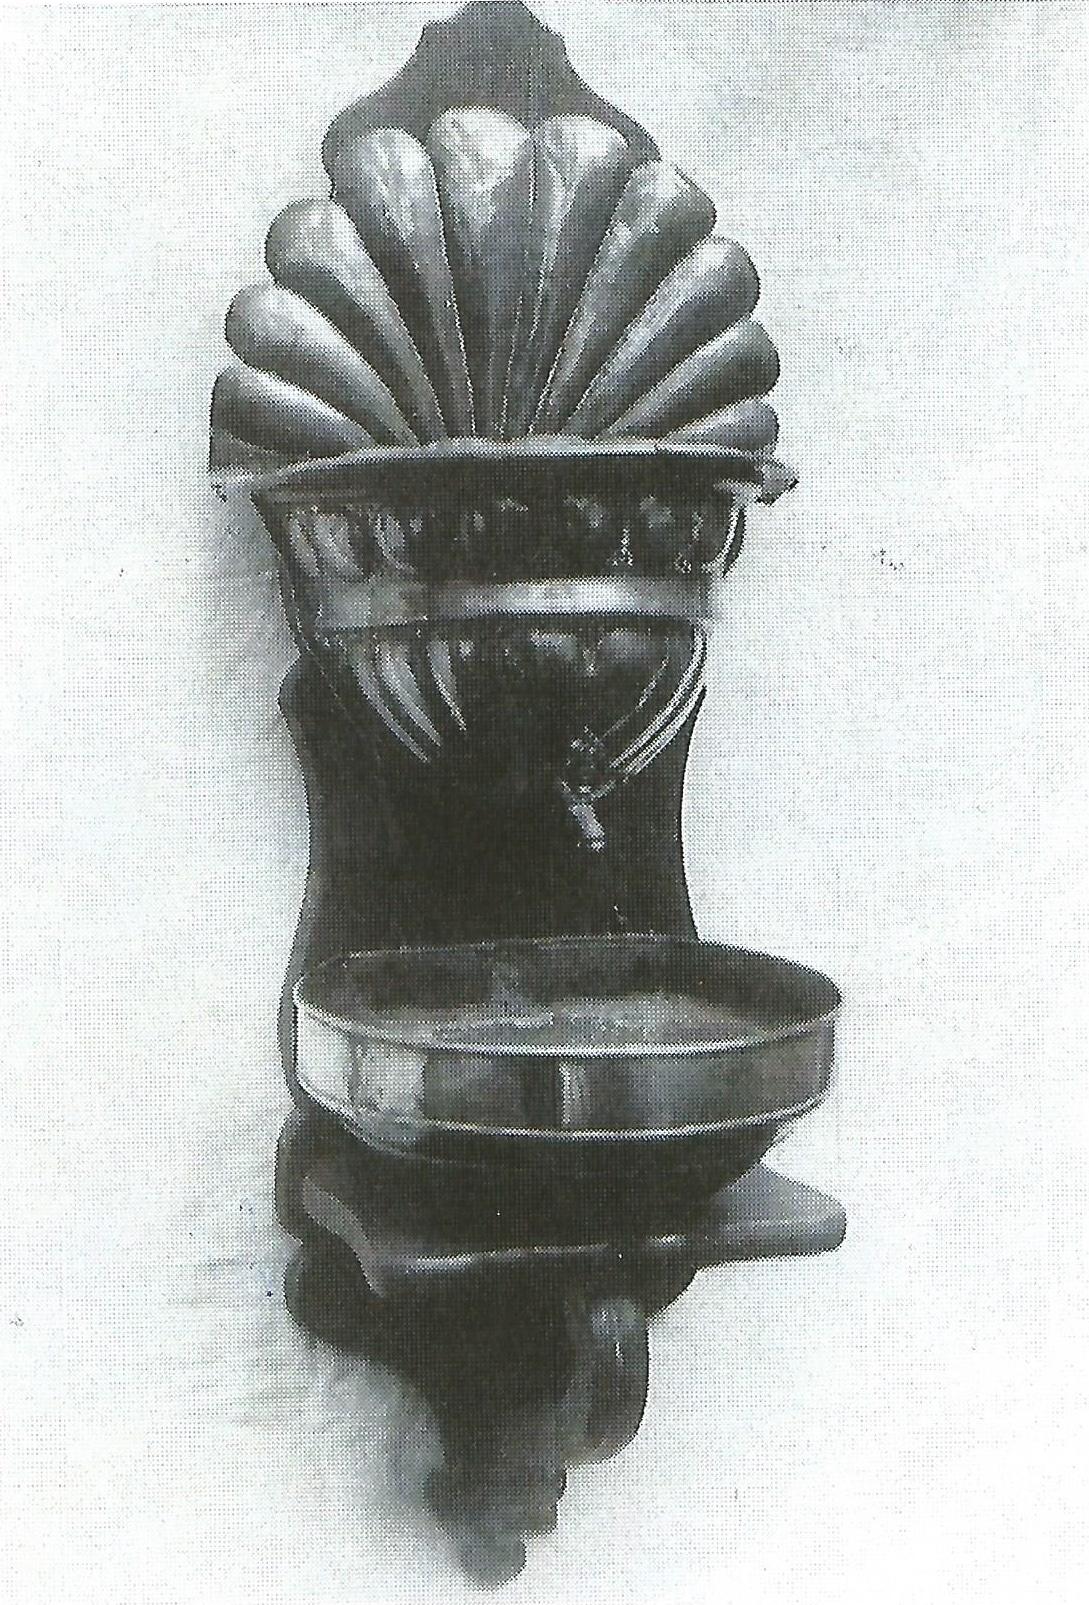 Wahrscheinlich befand sich das Waschbecken in einem Vorraum und diente der symbolischen Waschung.